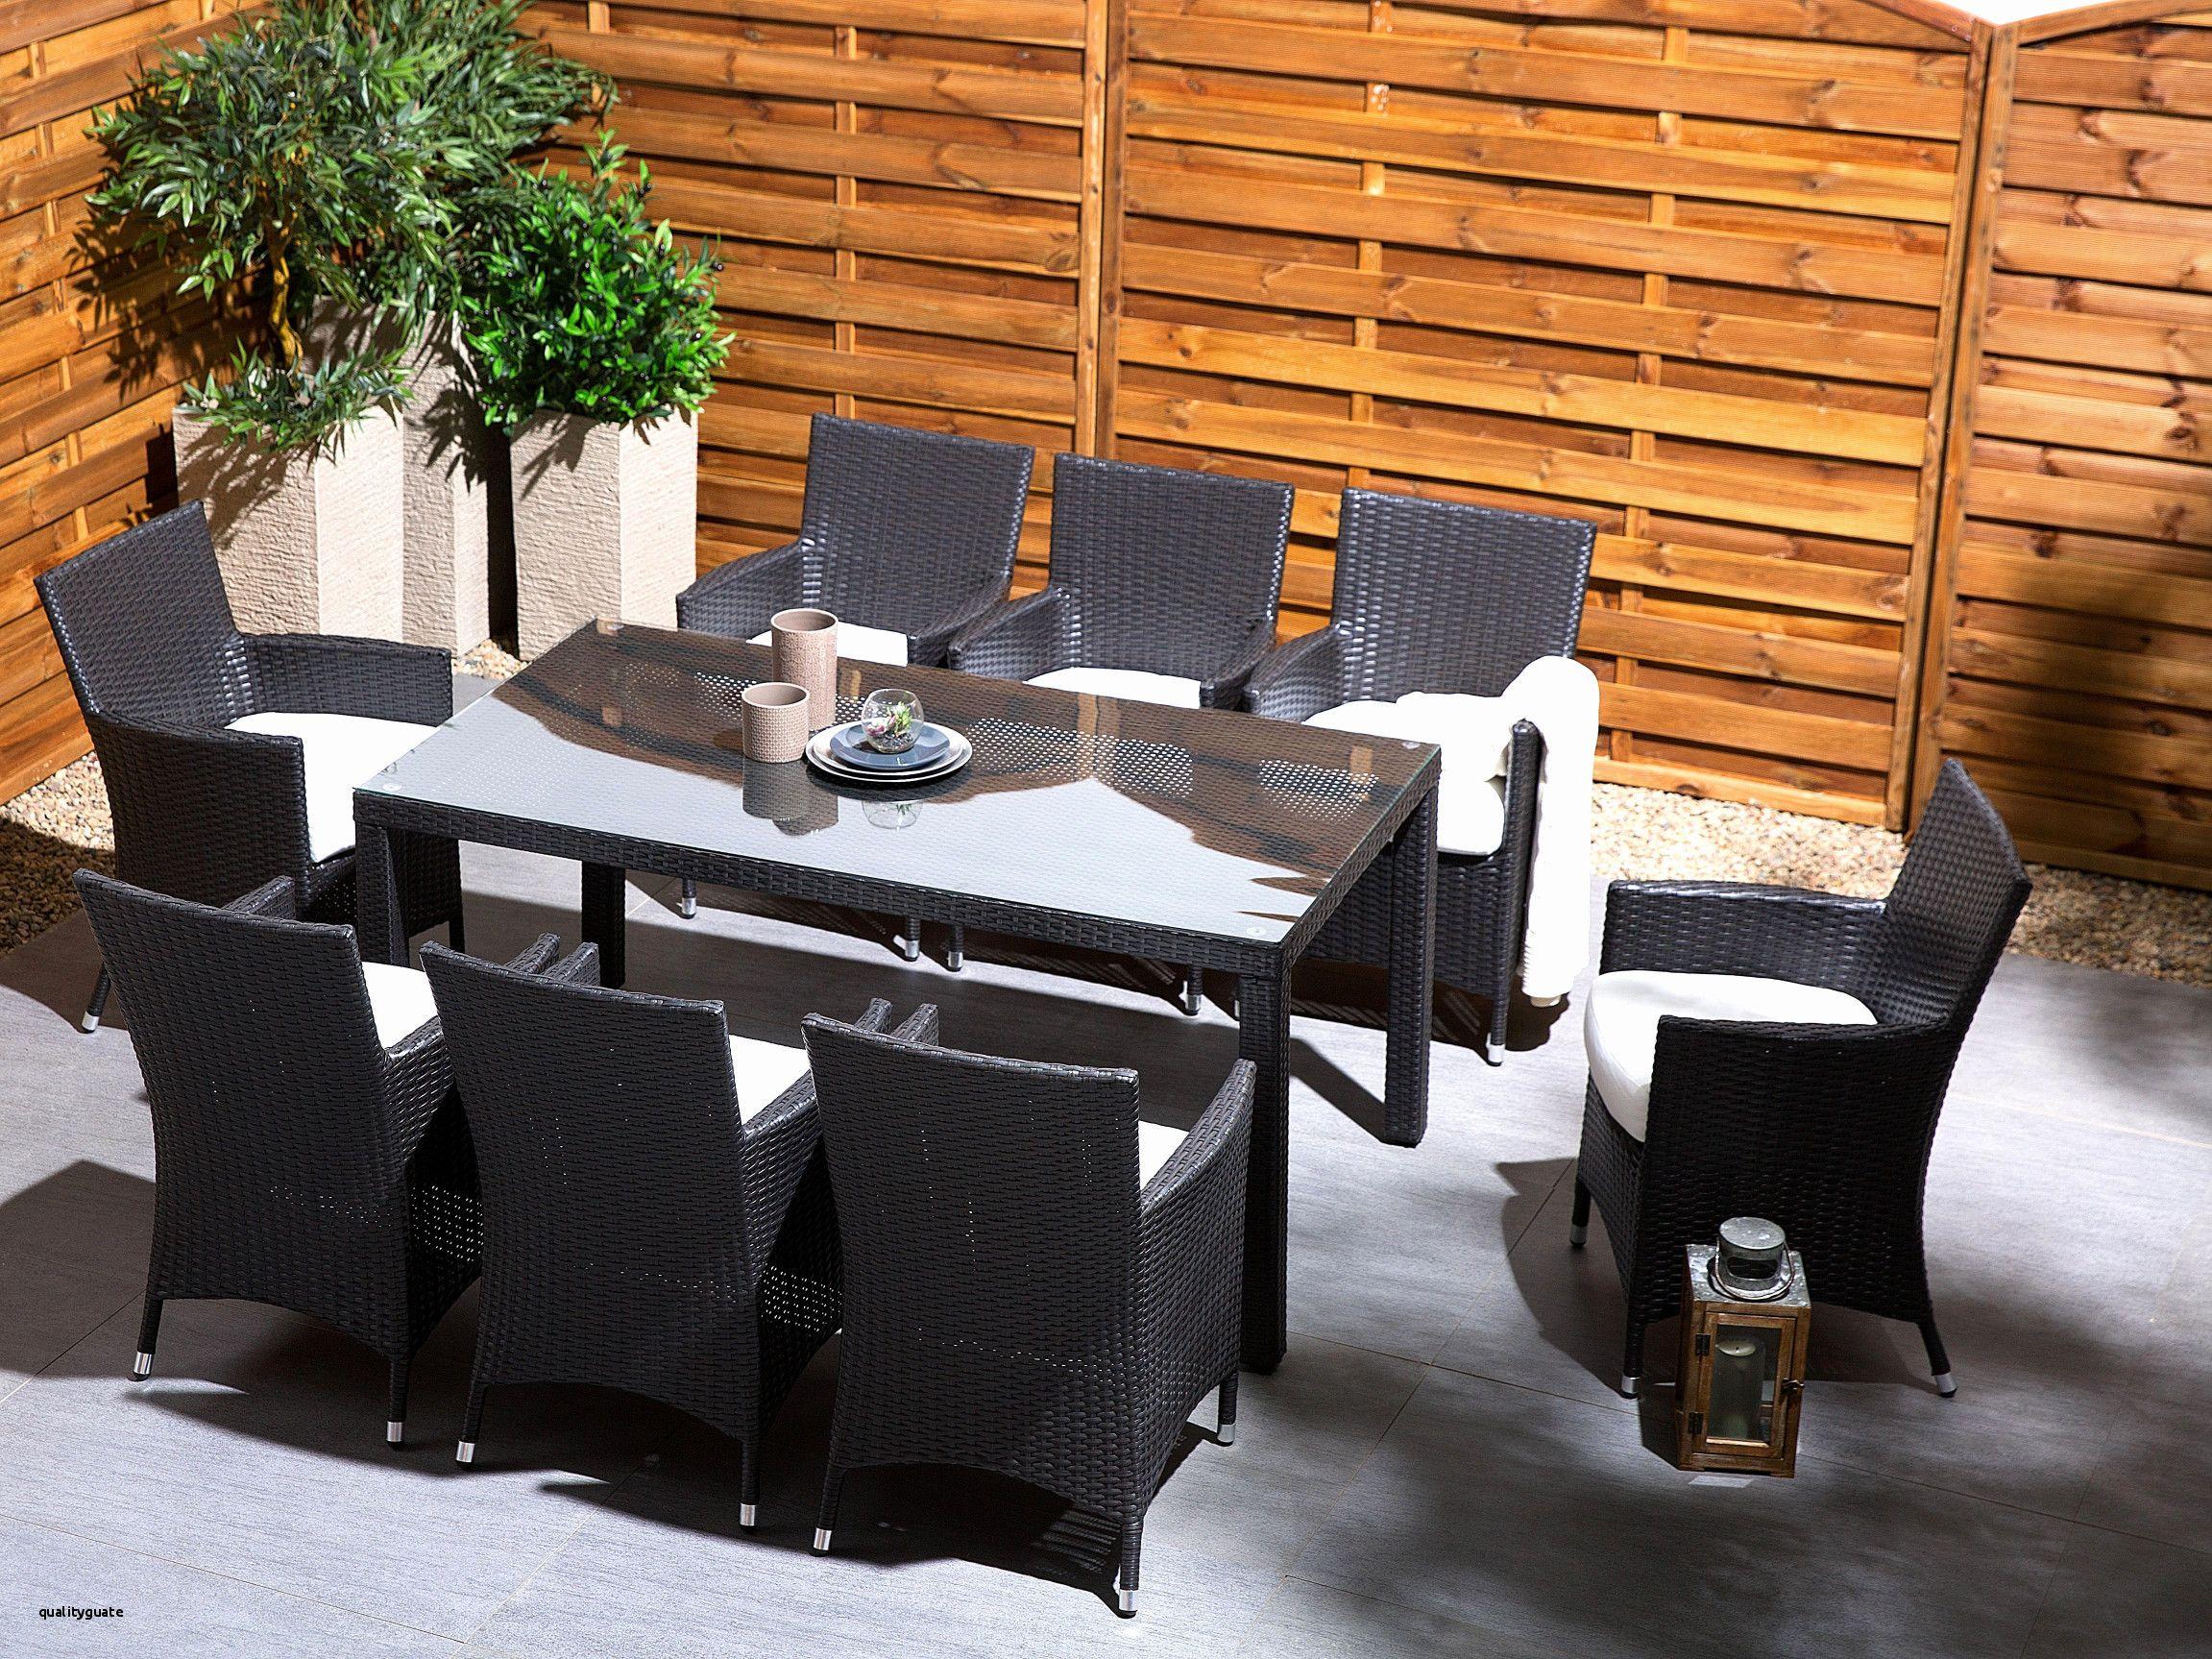 Rattanmöbel Günstig Kaufen Garten Lounge Günstig Kaufen Neu Garten